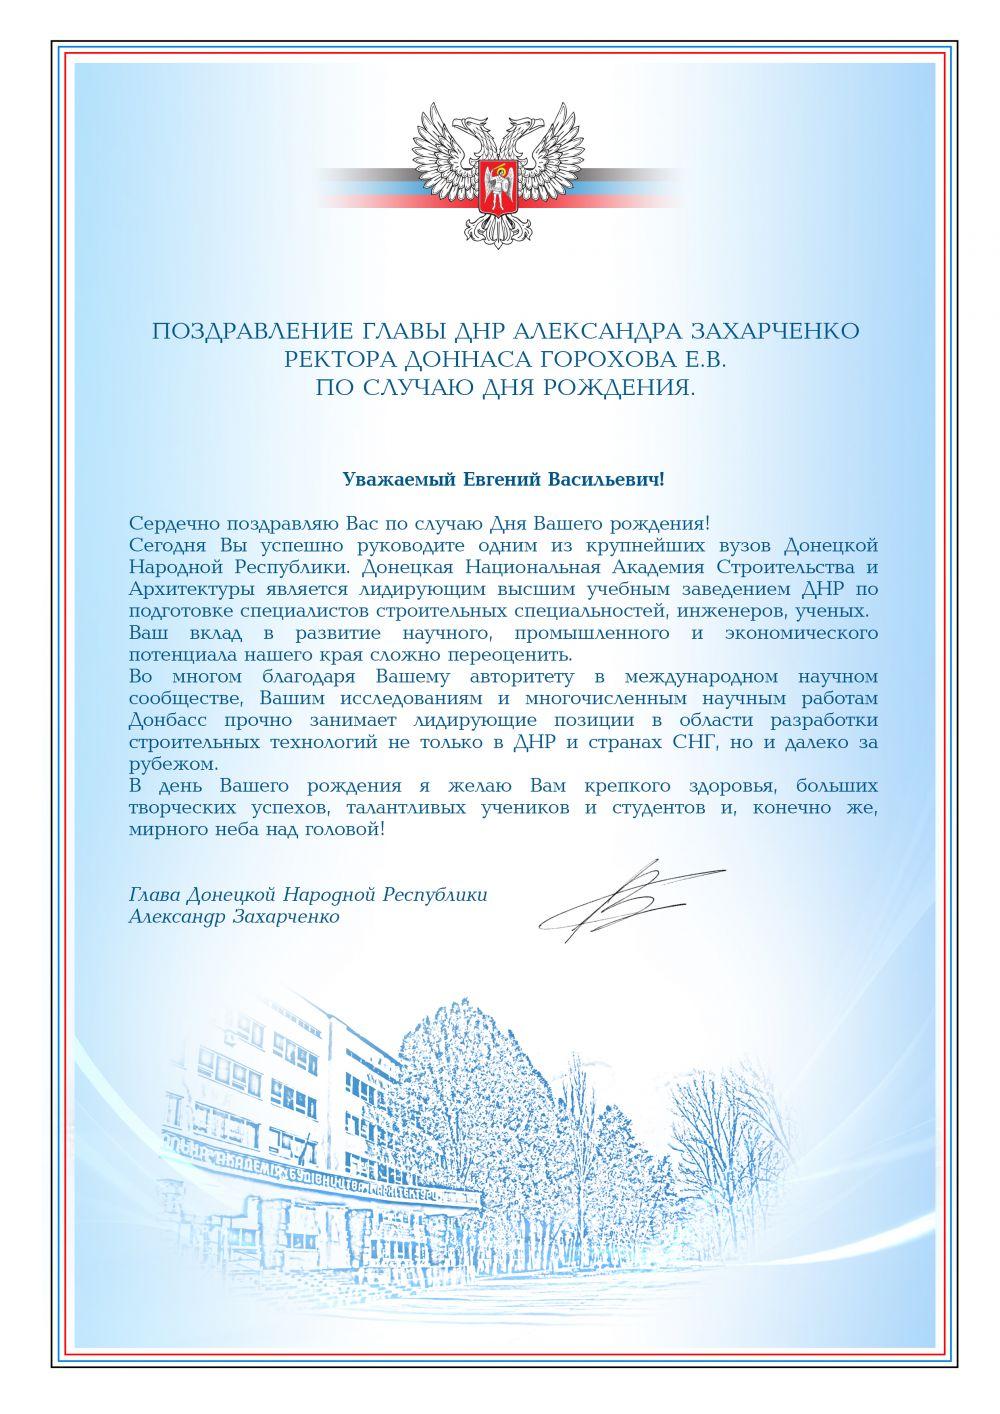 Официальное поздравление с днём республики 63